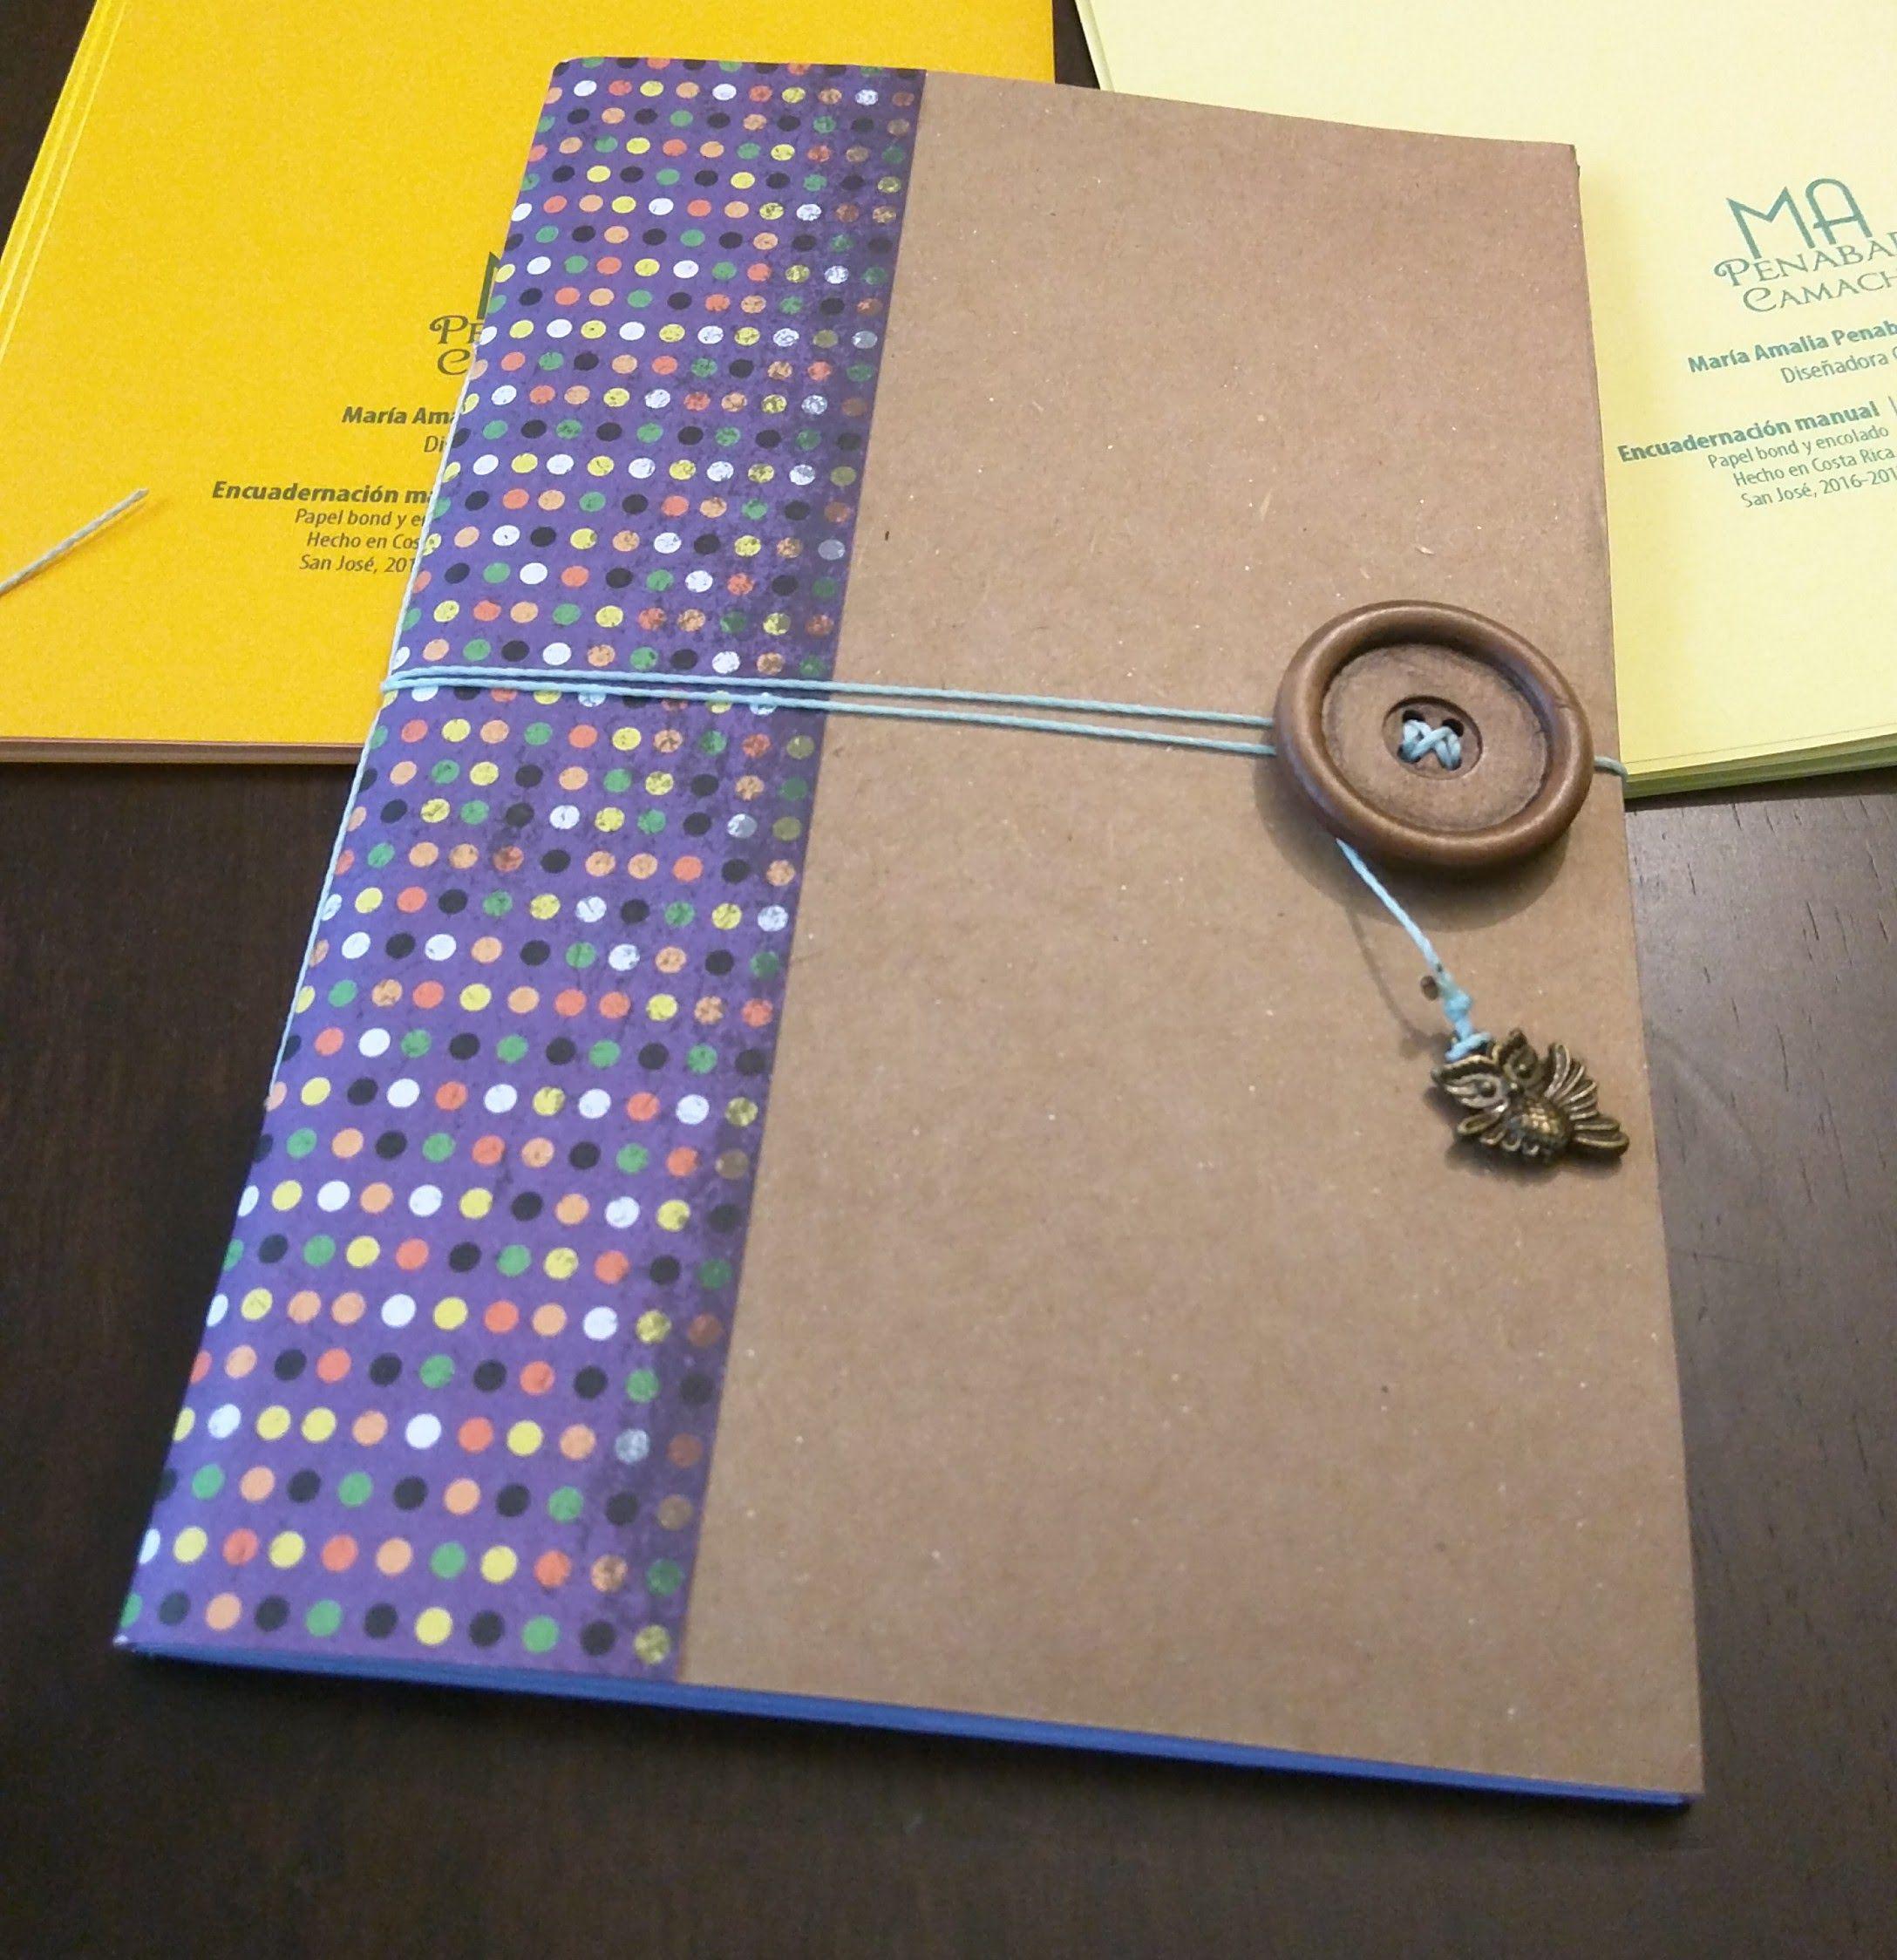 encuadernado, diseño, cartón book binding